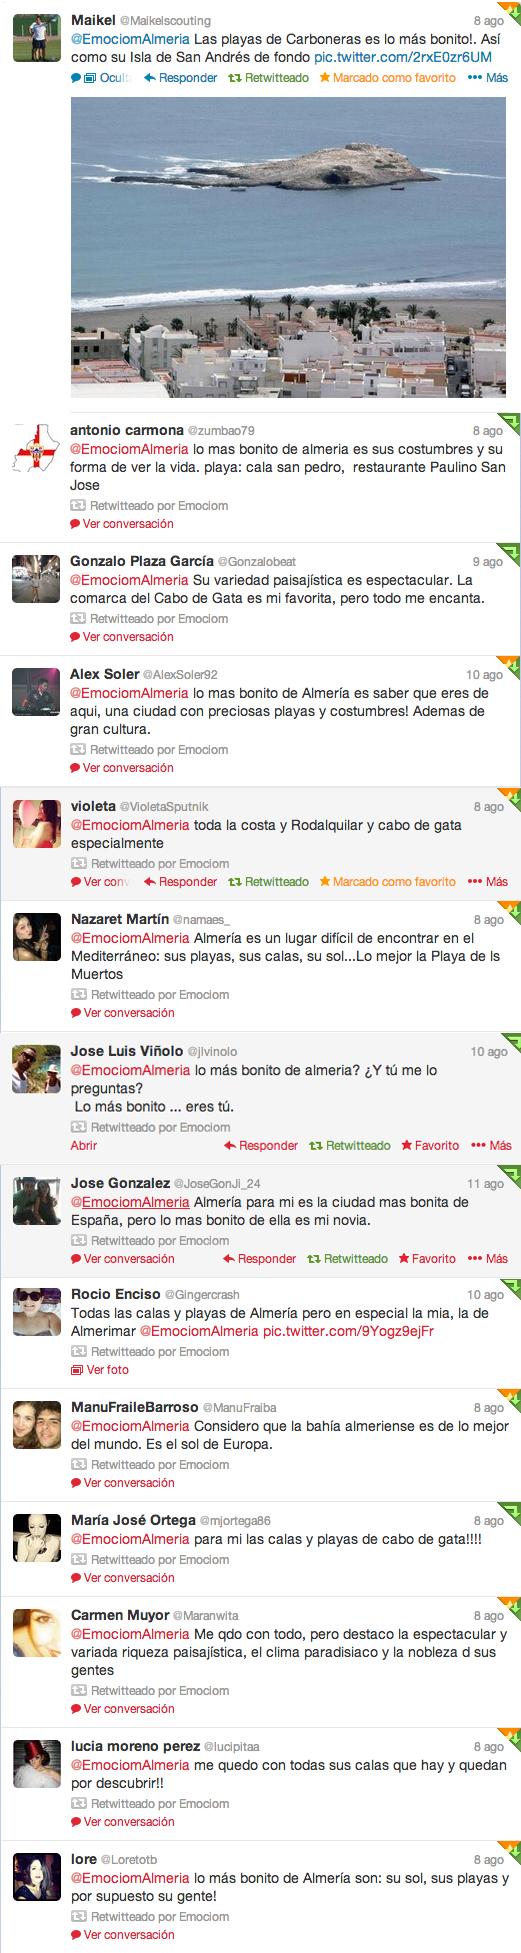 tweets de almeria